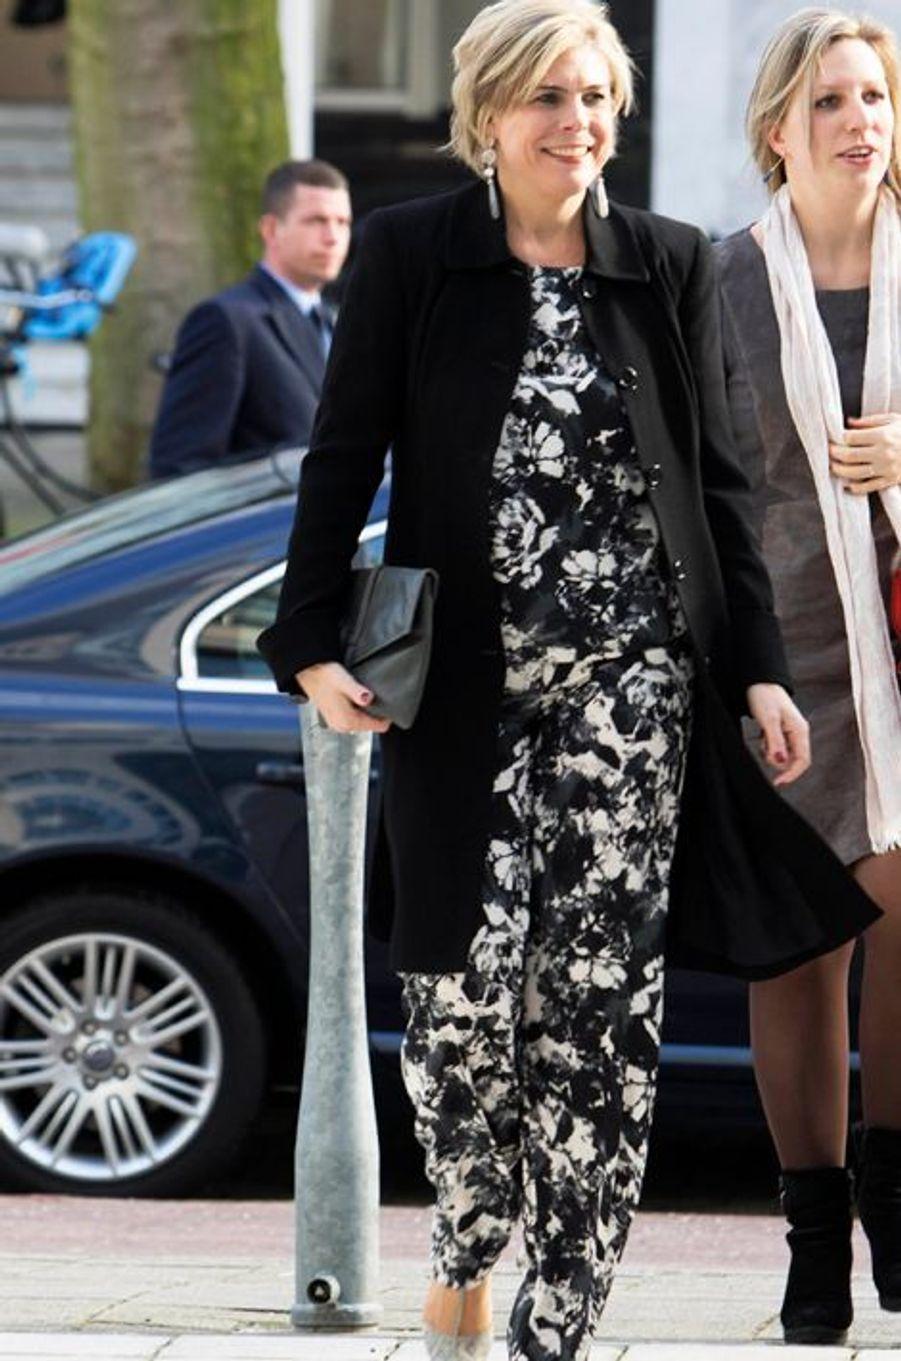 La princesse Laurentien des Pays-Bas à La Haye, le 12 février 2016